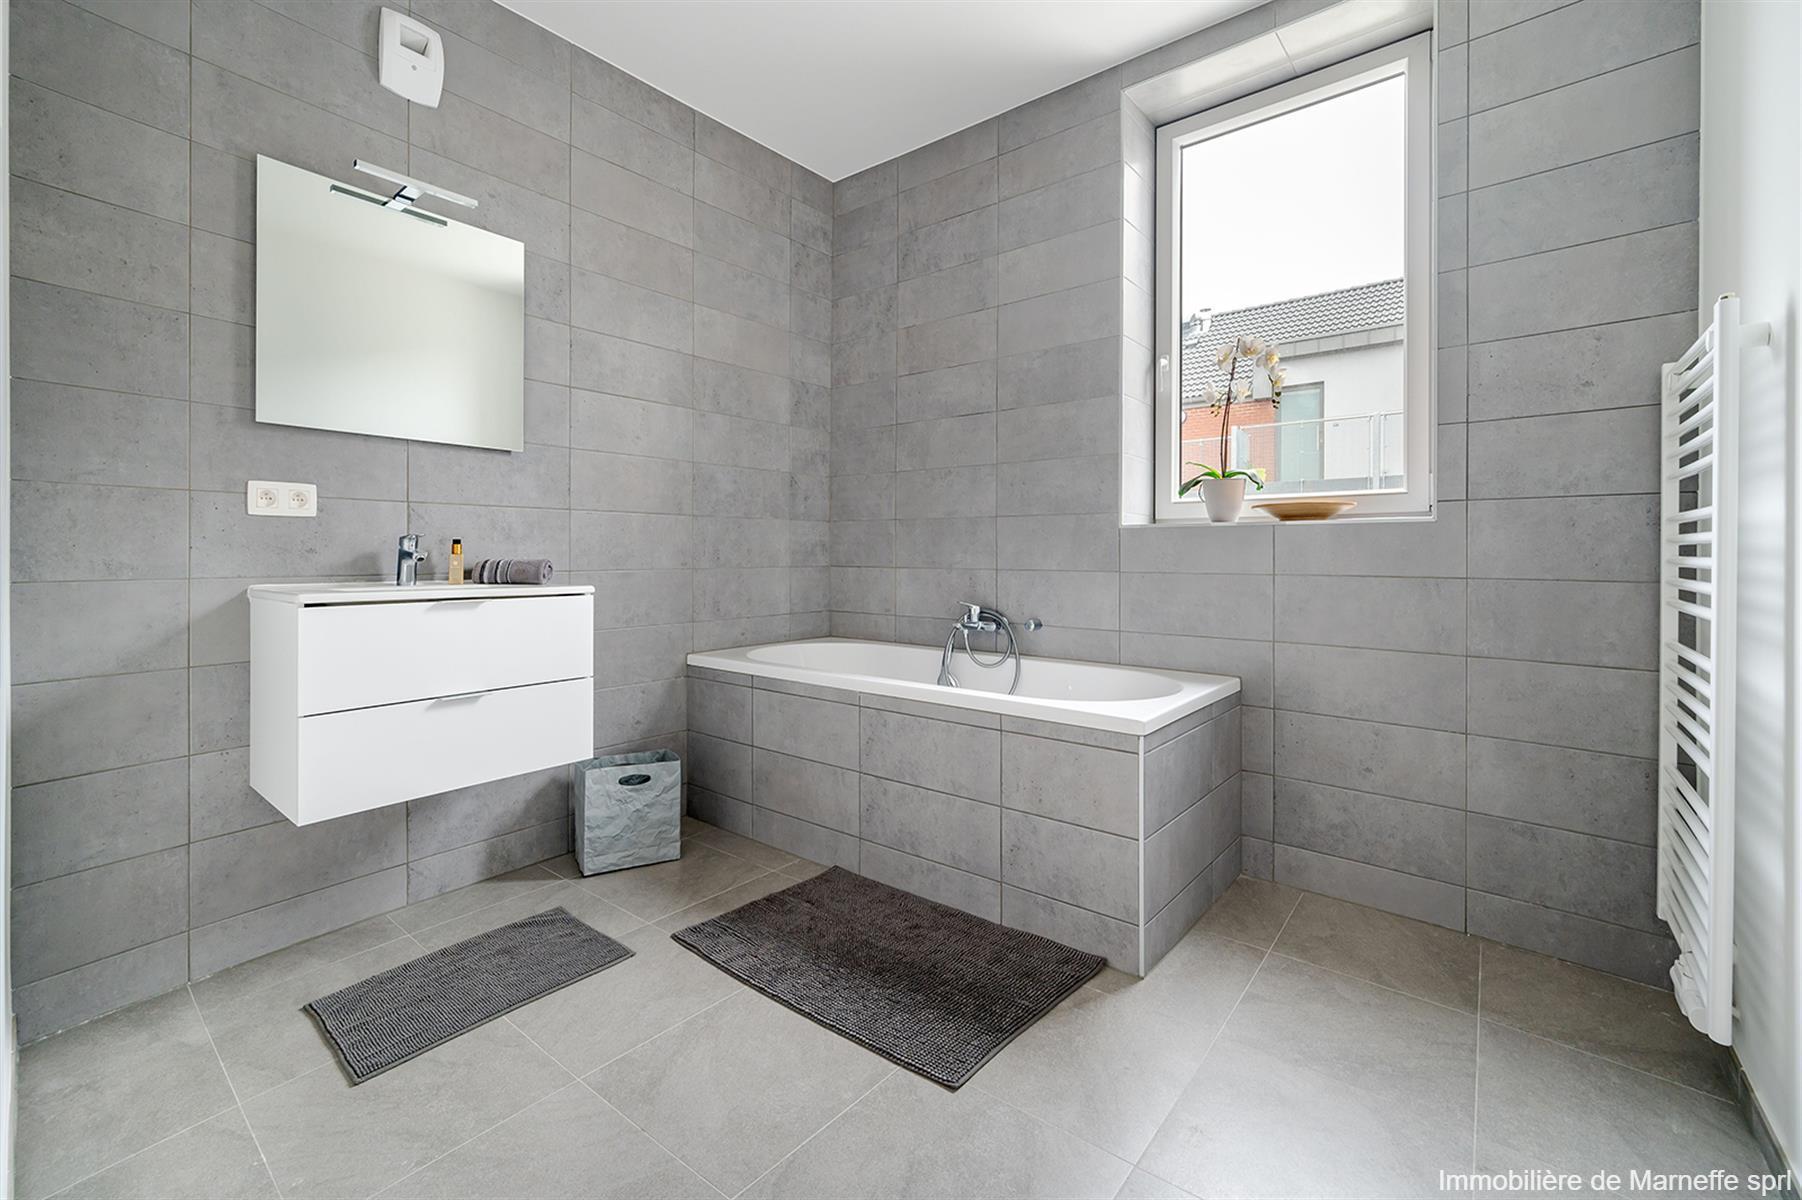 Maison - Grâce-Hollogne Velroux - #4325744-12